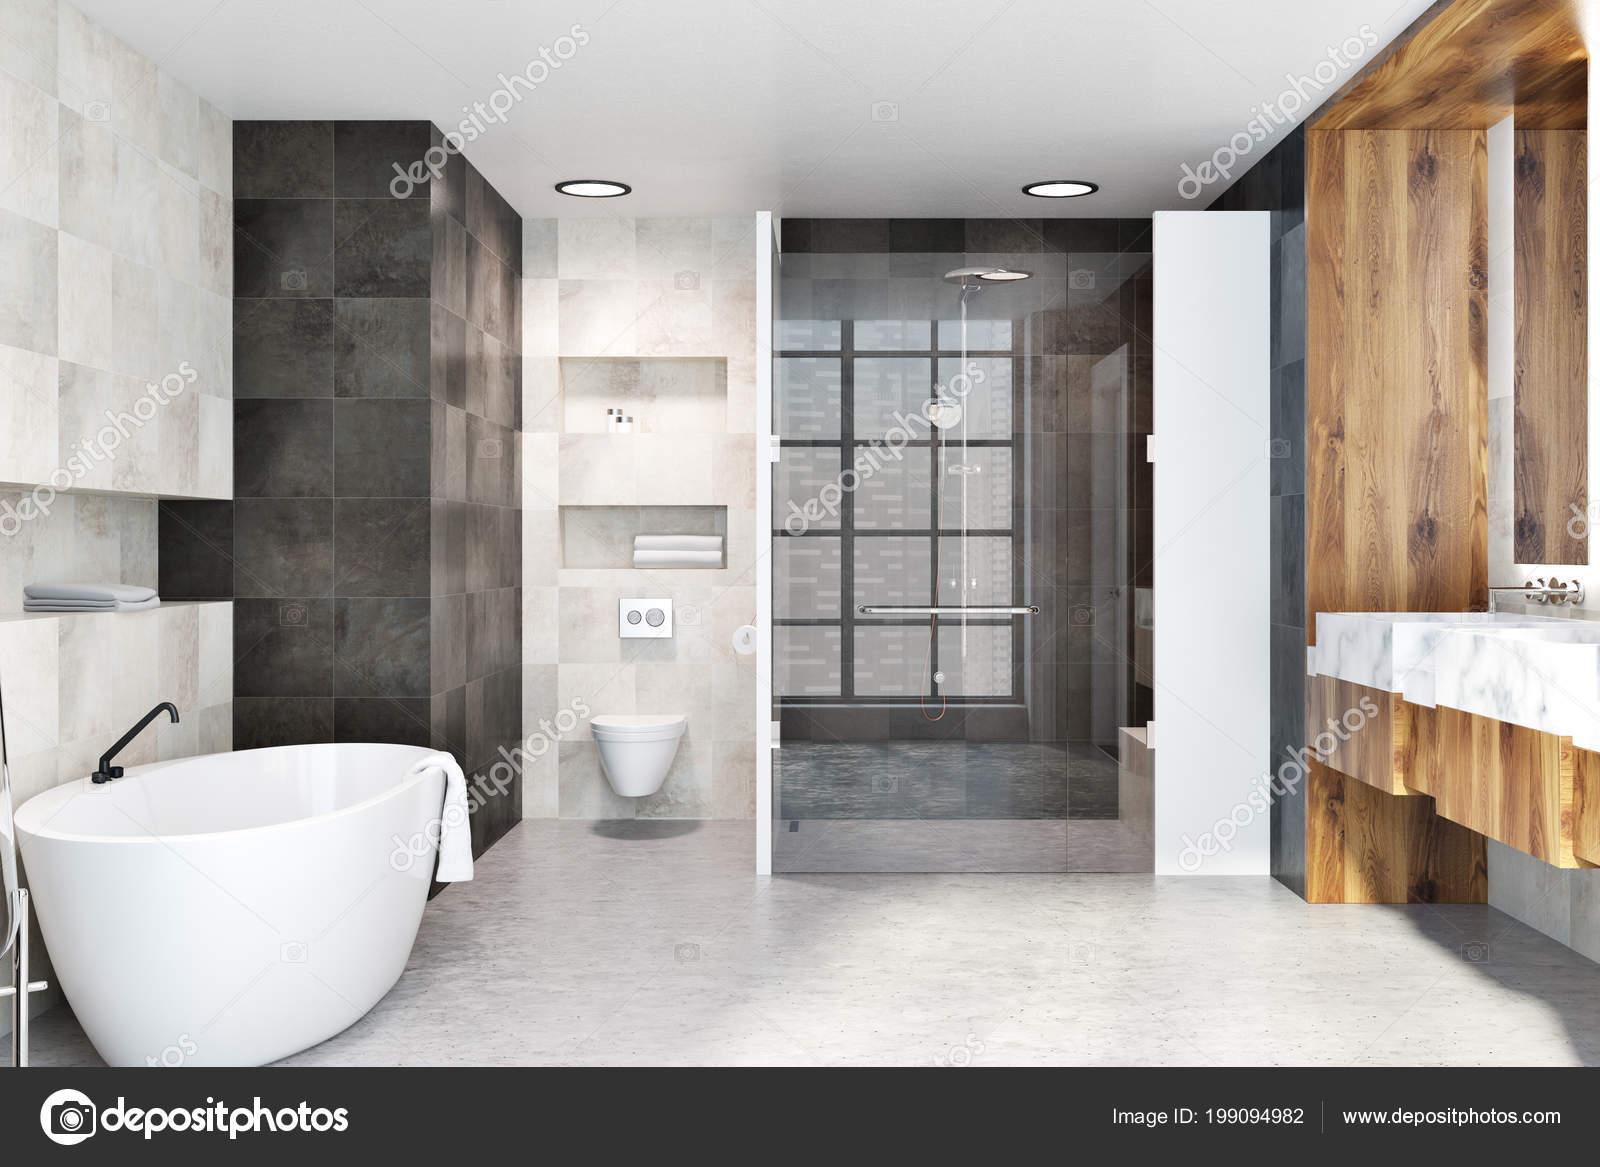 Klassische Badezimmer Einrichtung Mit Weissen Und Schwarzen Fliesen